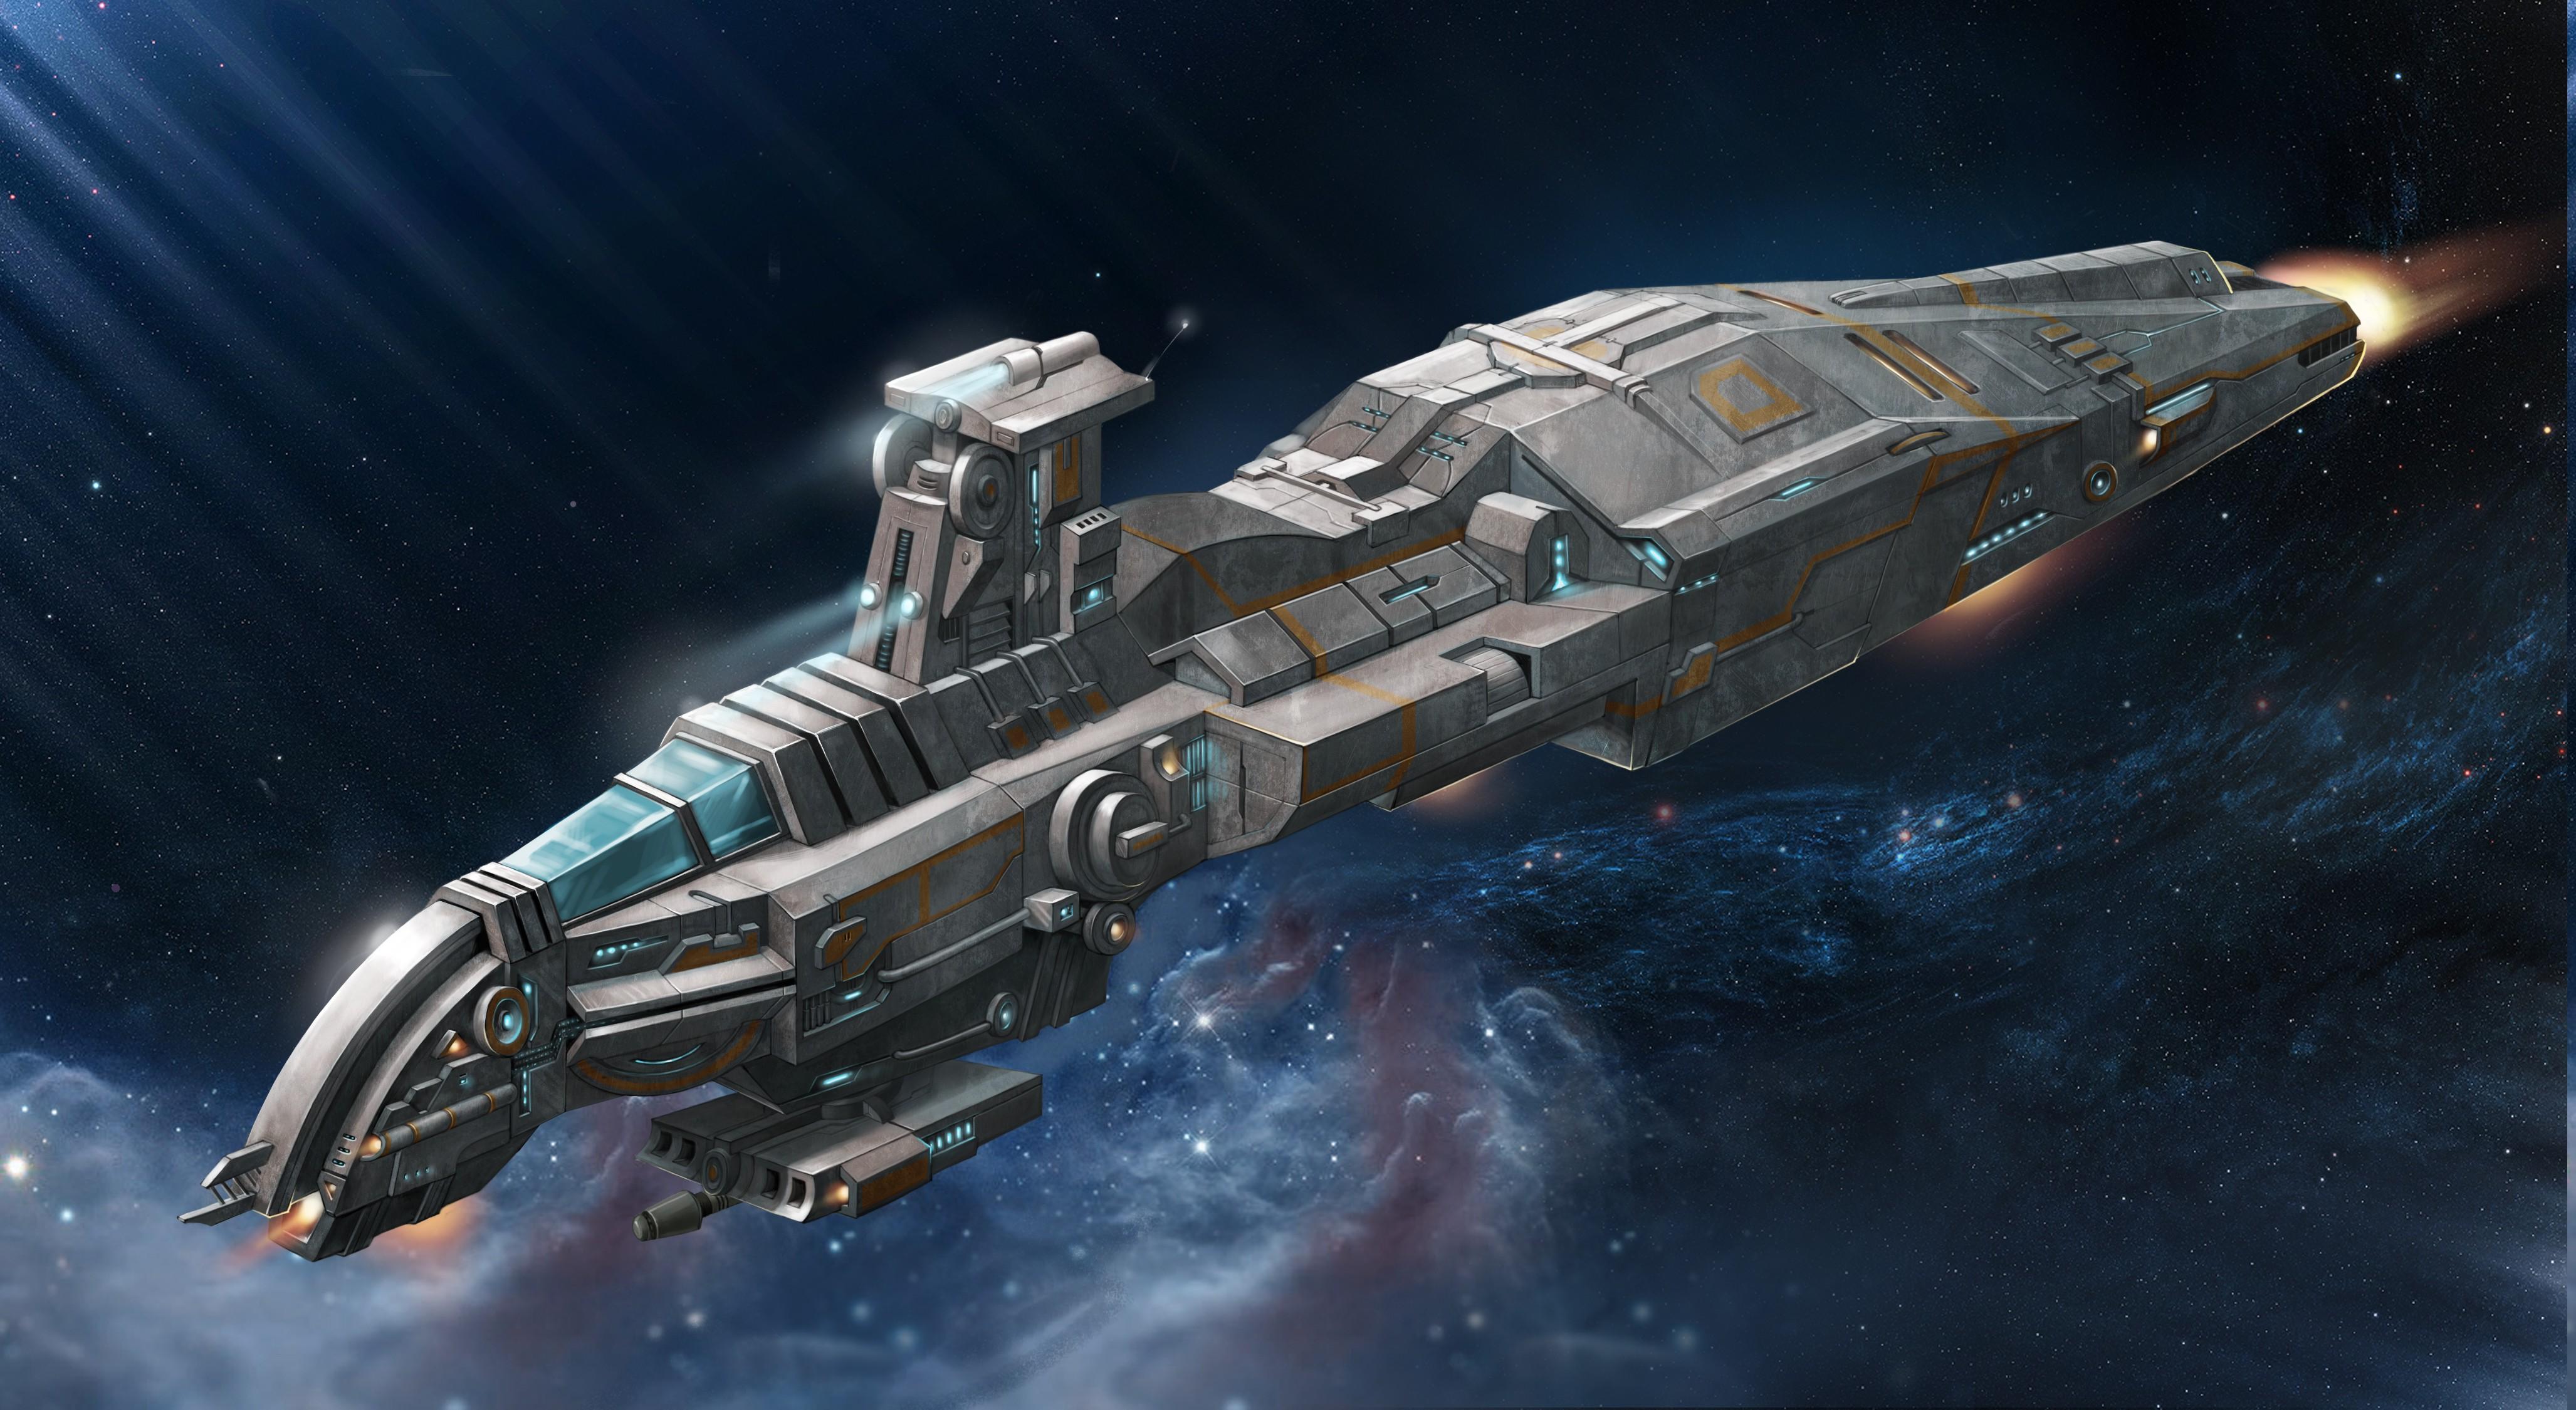 его картинки космического корабля будущего многие выбирают именно